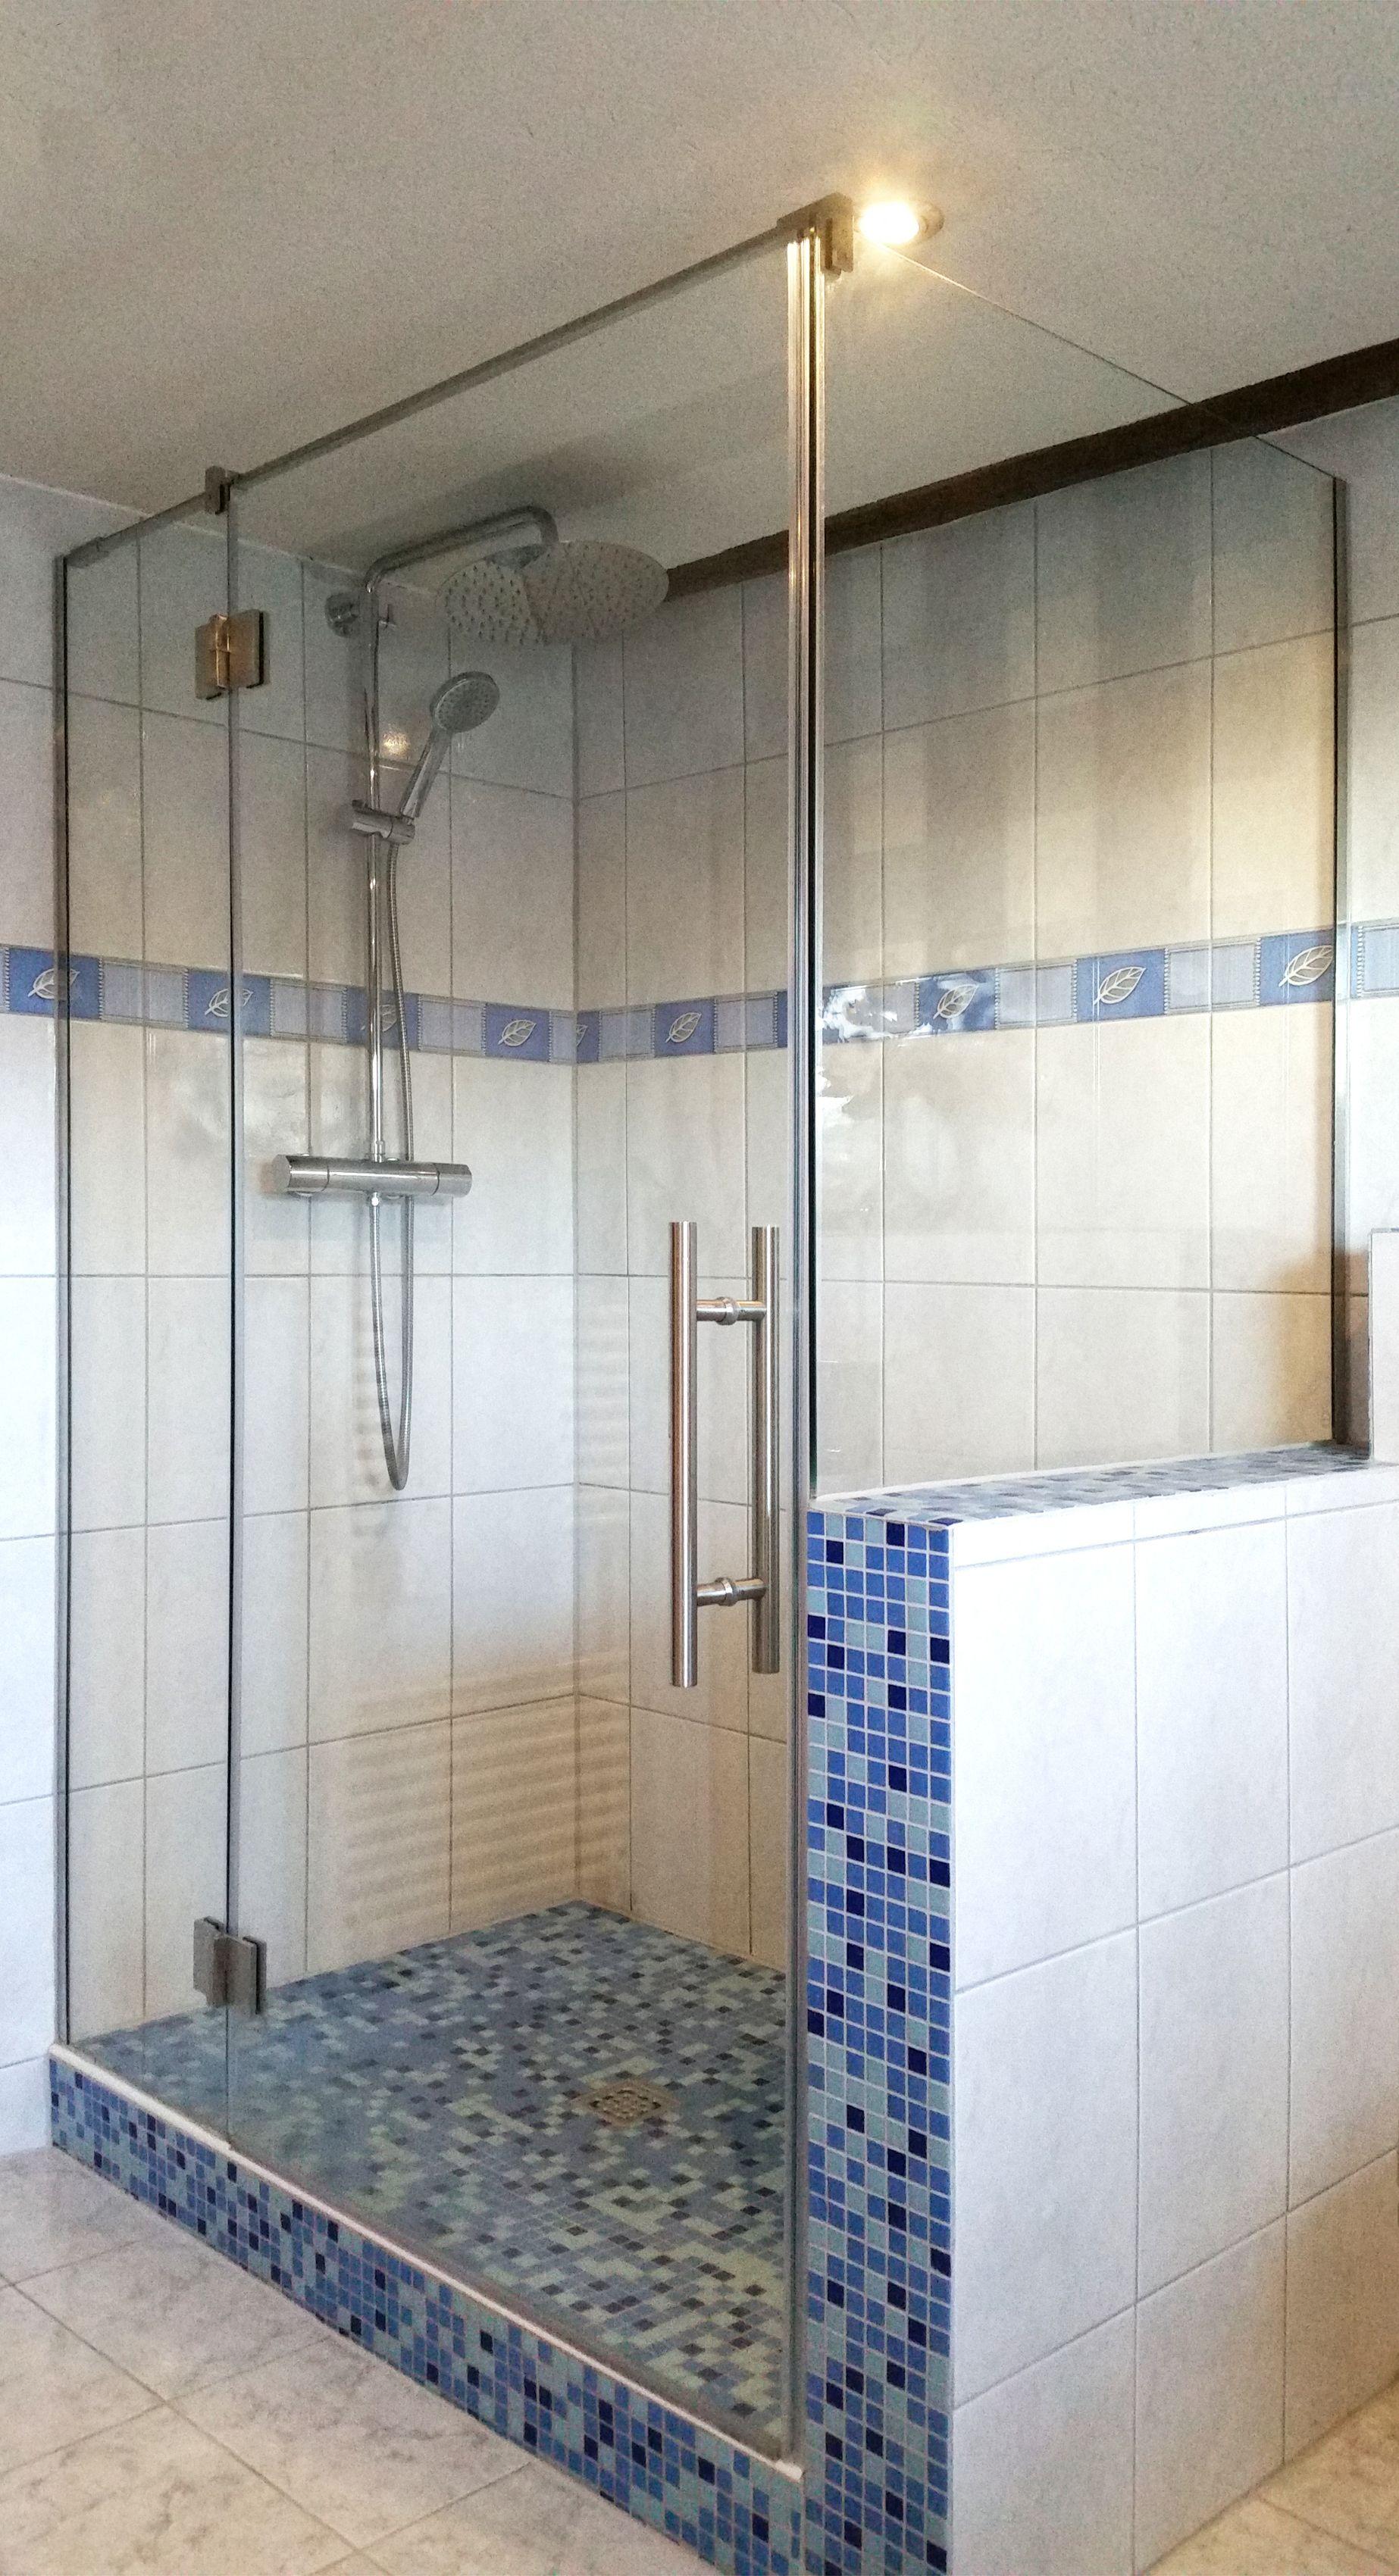 Eckdusche Mit Edelstahlbeschlagen Und Massgefertigtem Seitenteil Als Maueraufsatz Eckduschen Dusche Glasduschen